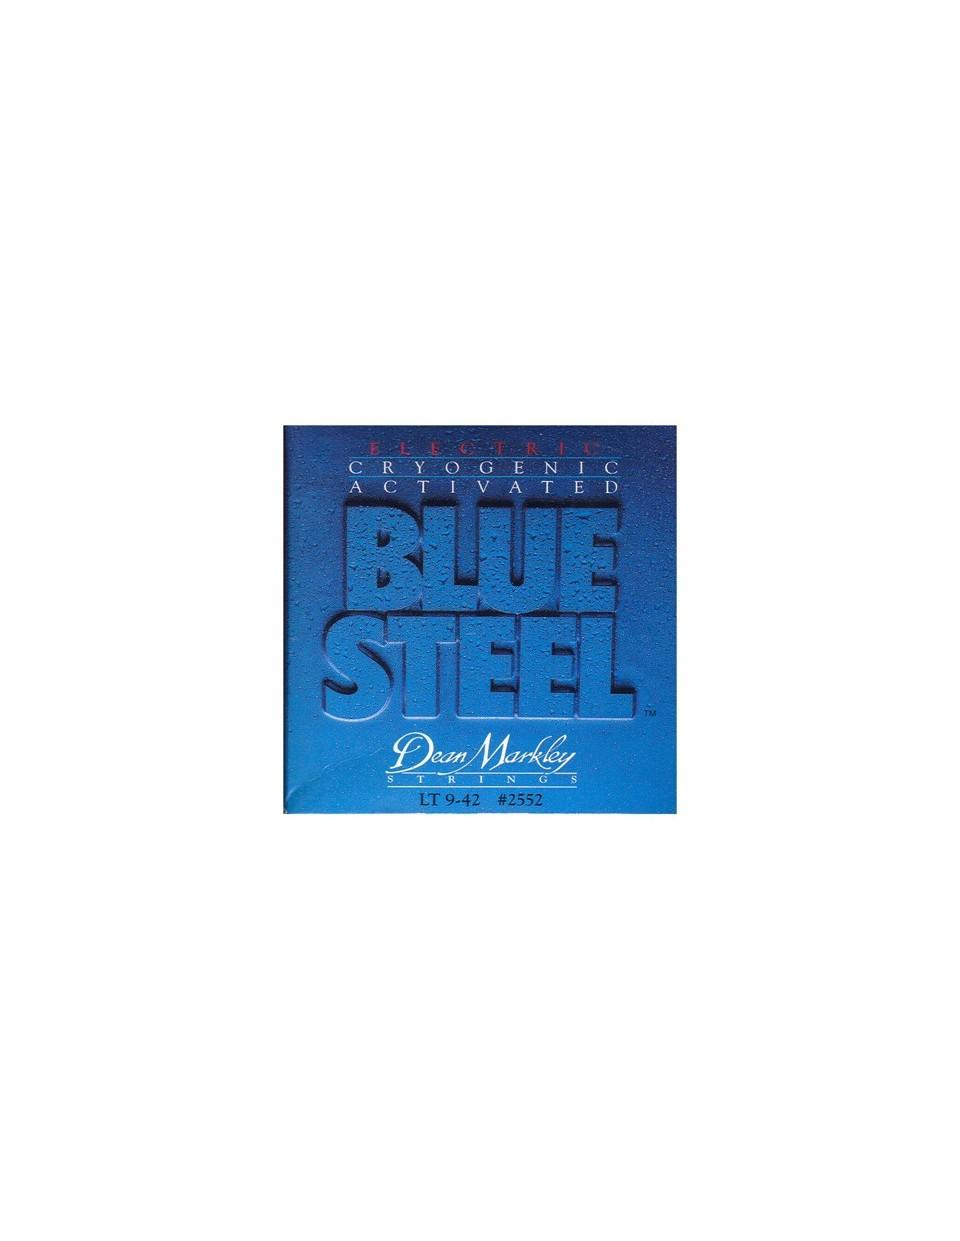 Blue Steel 9-42 elektromos húrszett